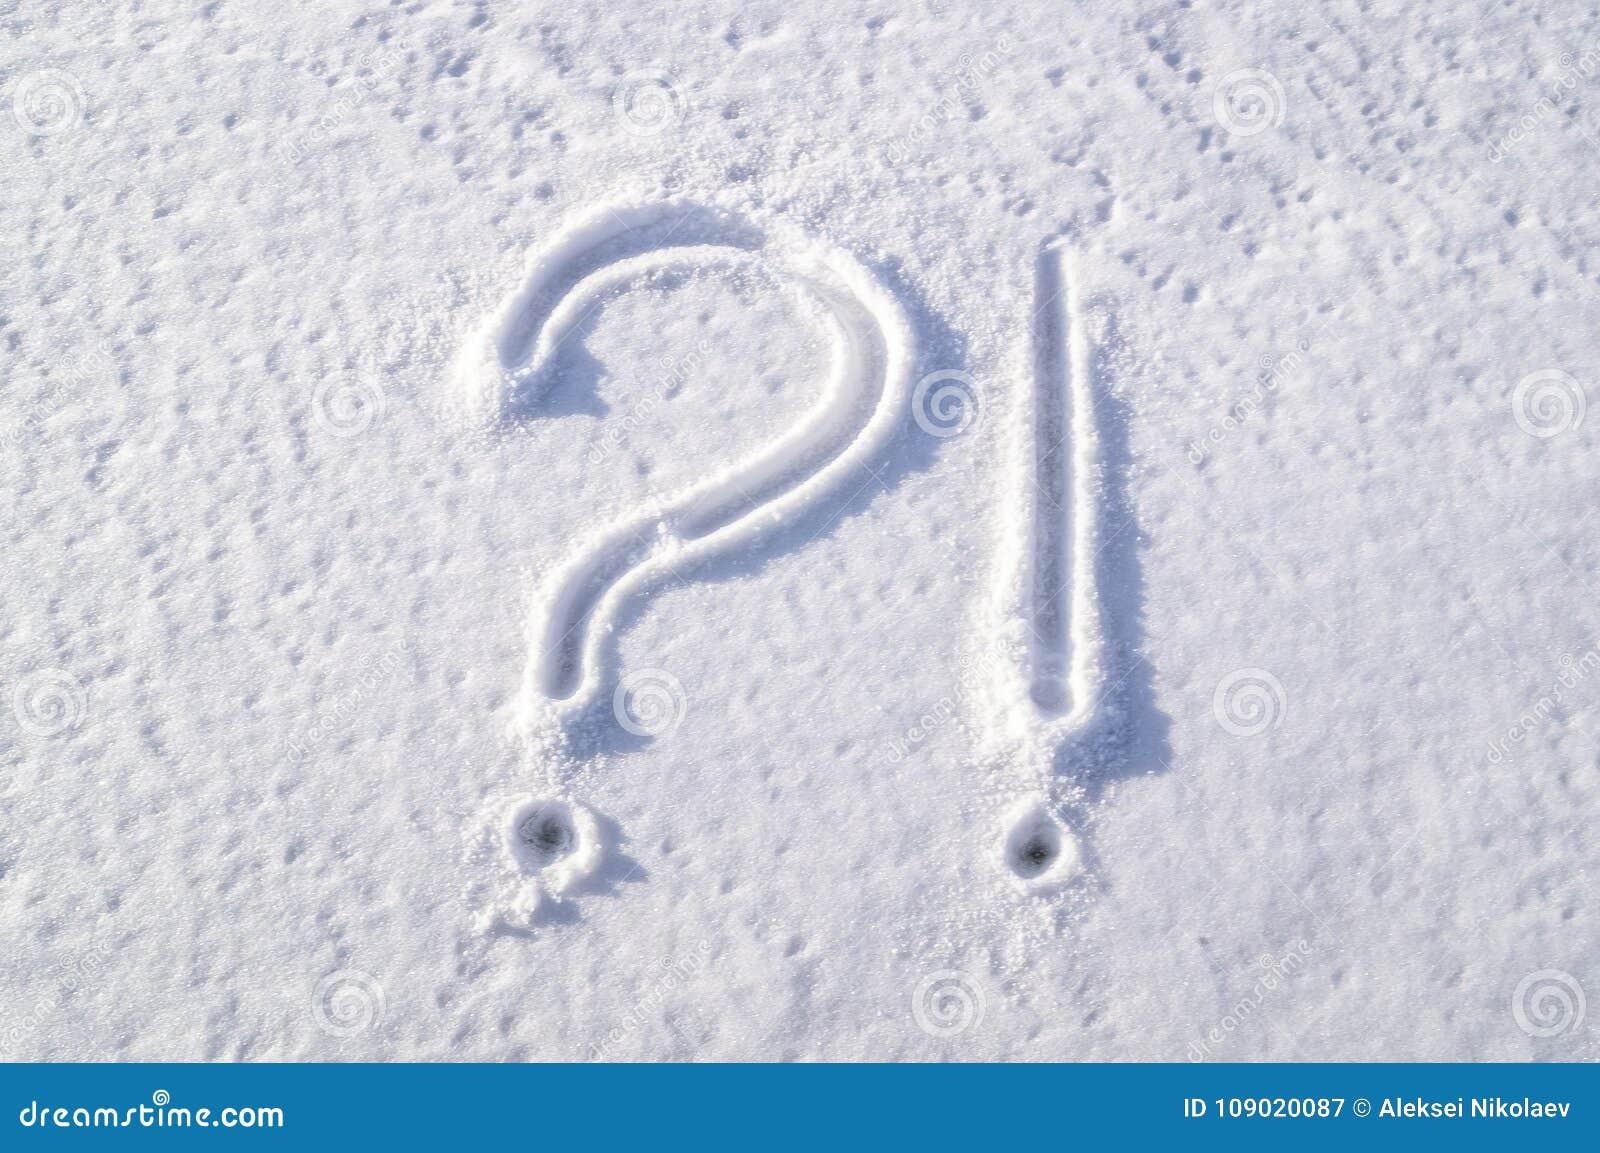 Photo sur la fenêtre neigeuse Symboles - question et marque d exclamation